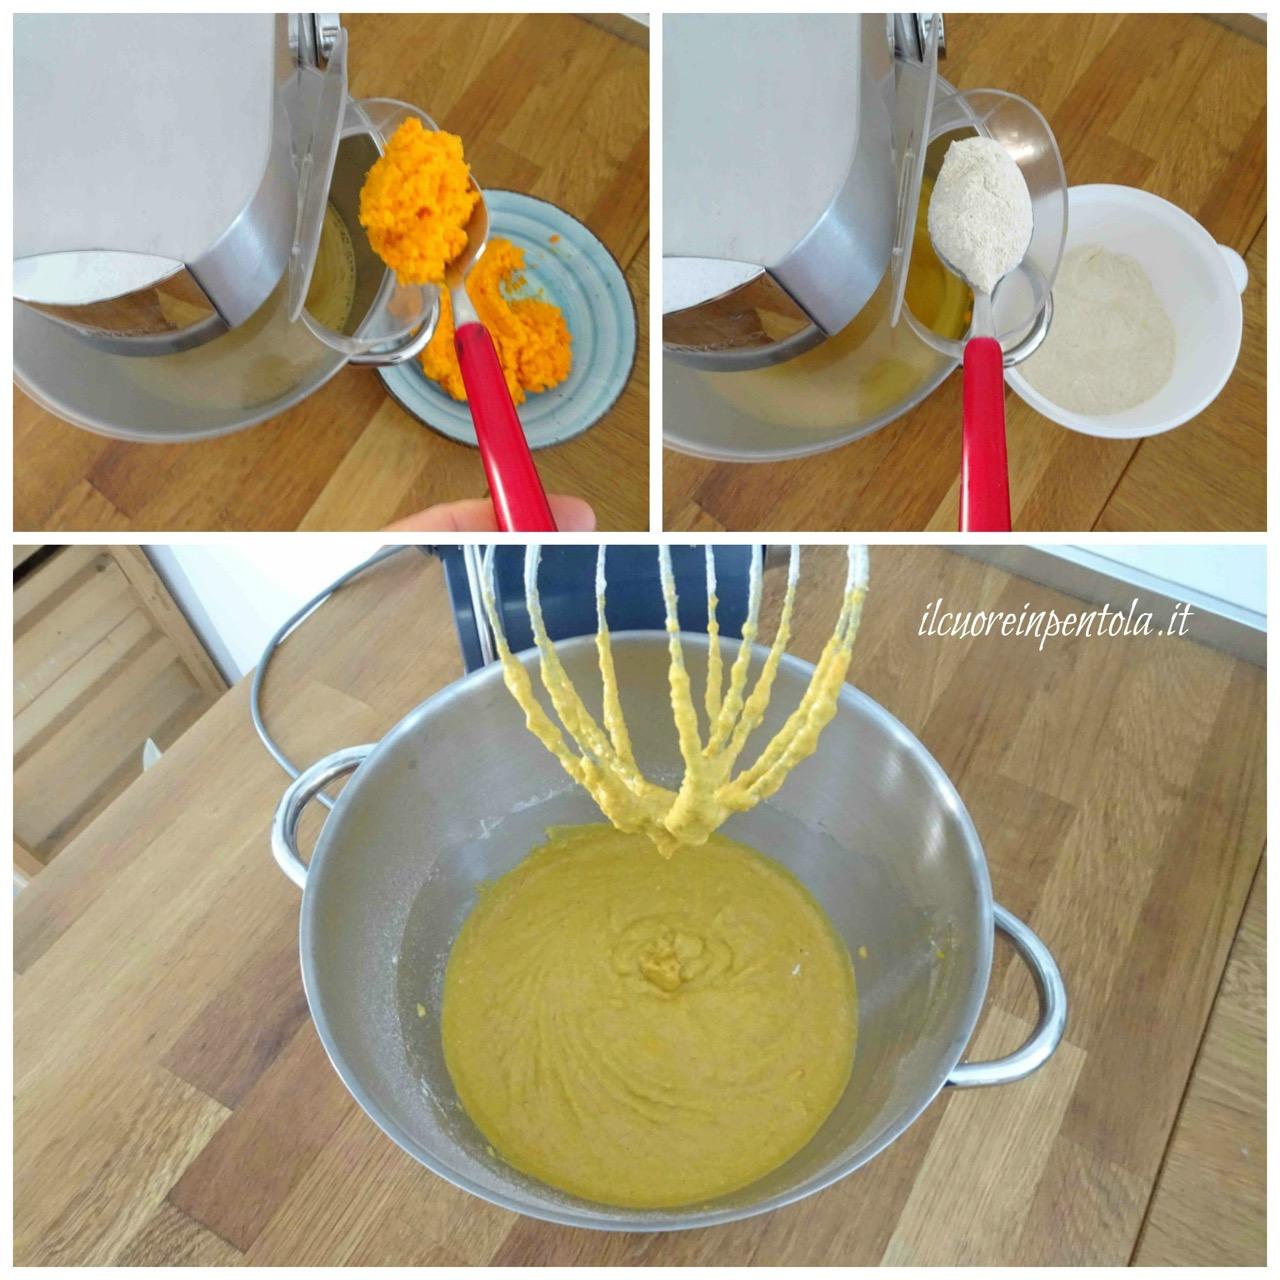 aggiungere purea di carote e farina